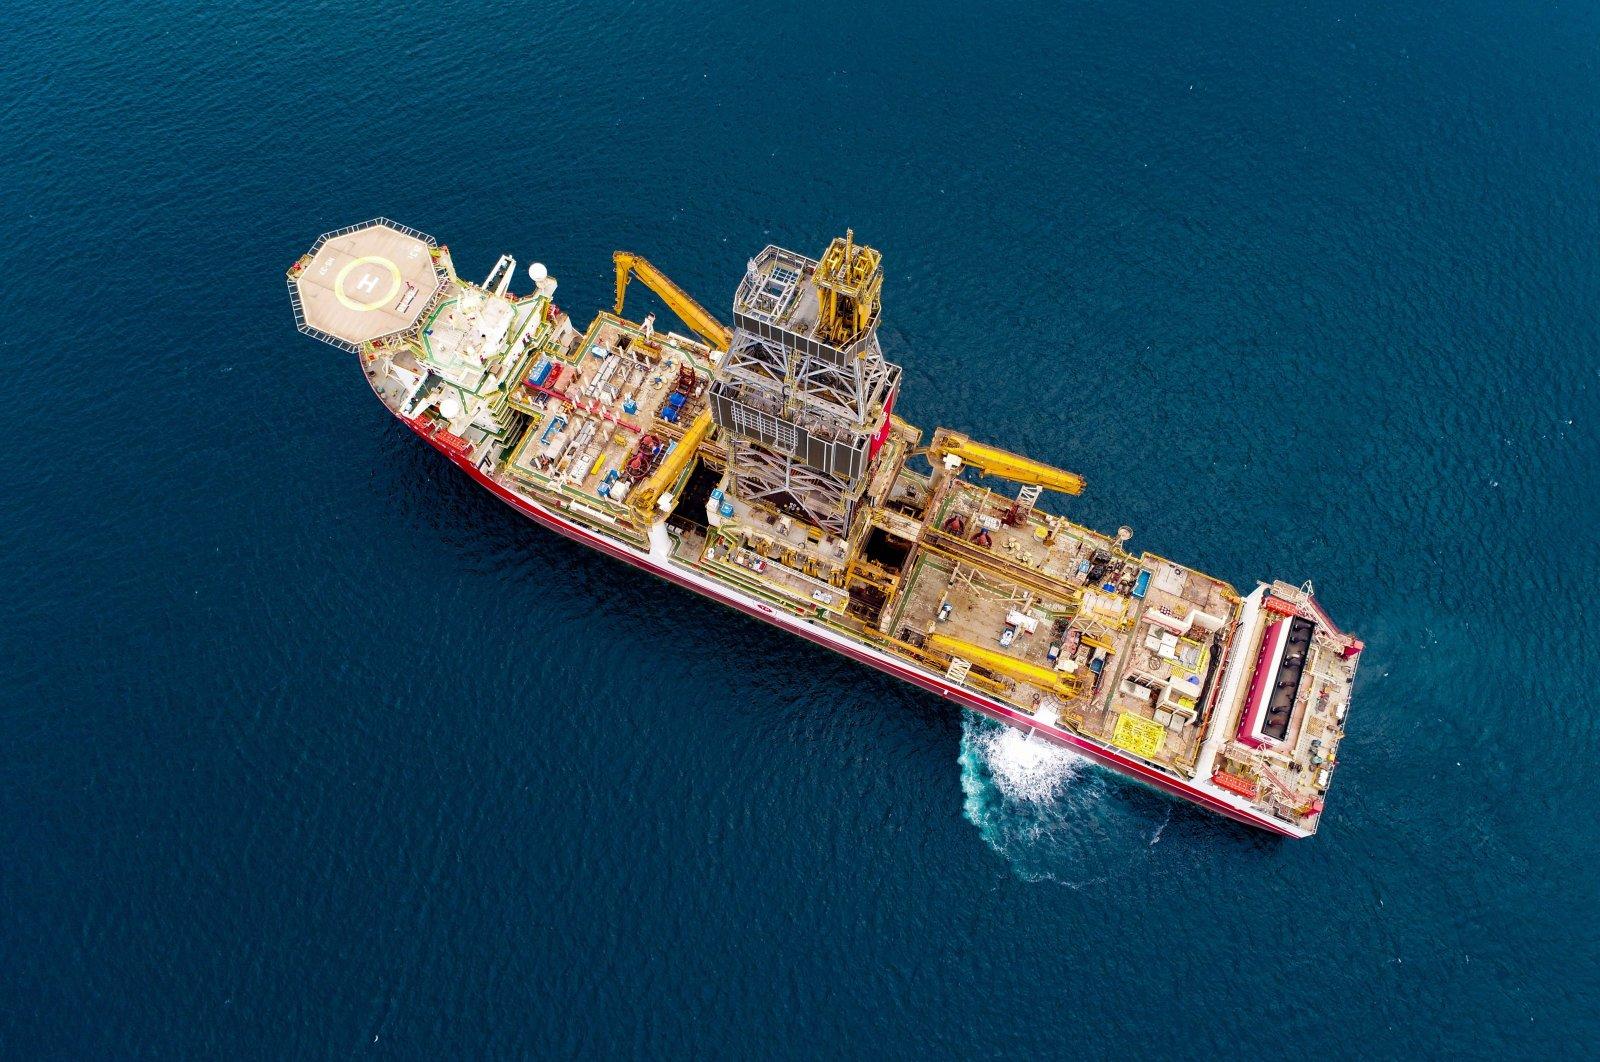 Turkey's third drillship Kanuni is seen off Istanbul en route to the Black Sea, Turkey, Oct. 19, 2020. (IHA Photo)